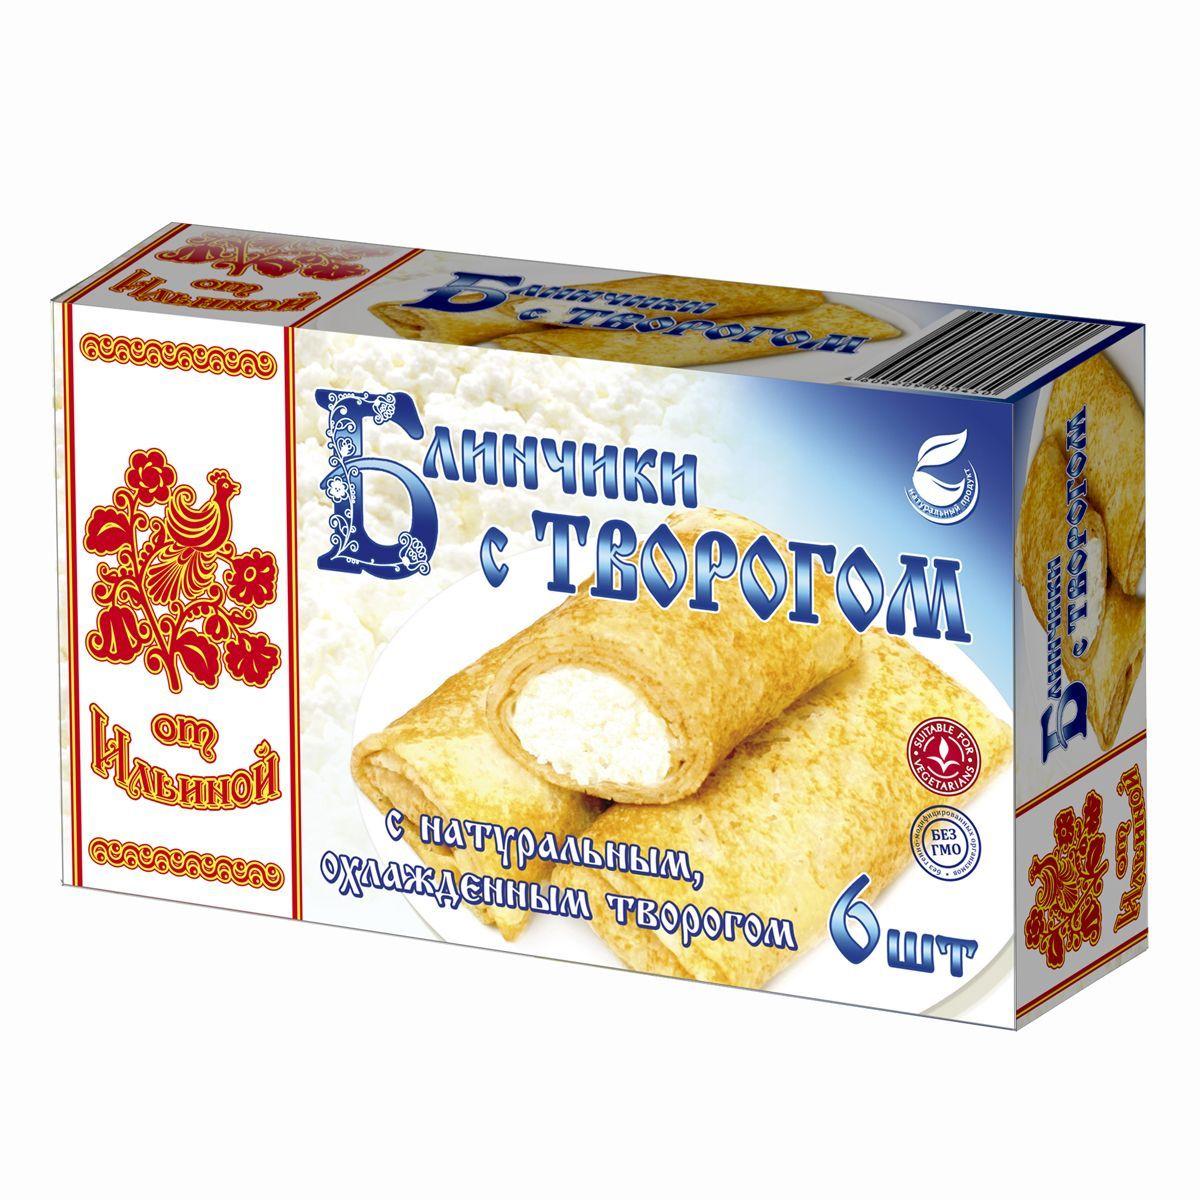 От Ильиной Блинчики с творогом, 450 г сырники от ильиной по домашнему 4шт 300г коробка